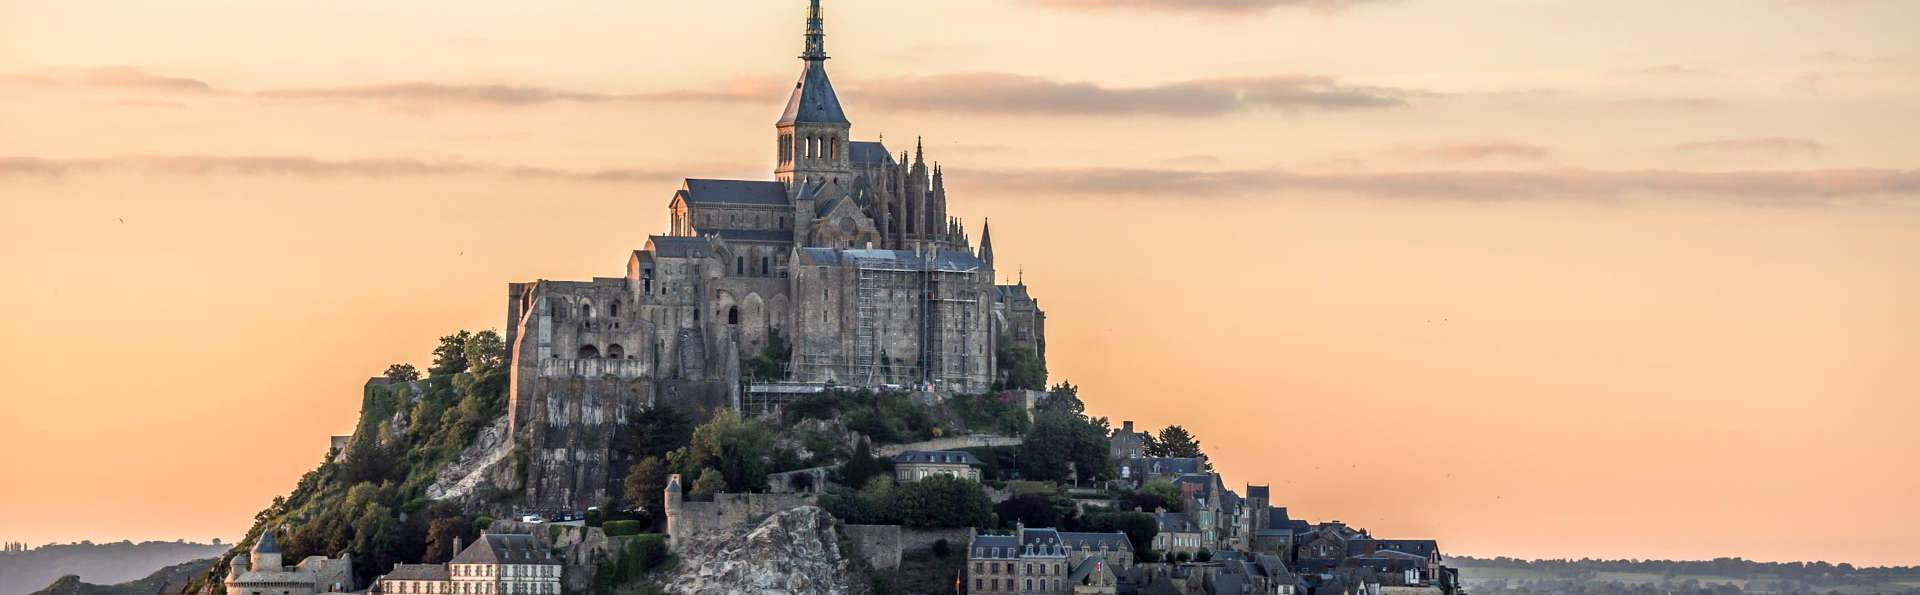 Ambiance intime au pied du Mont Saint-Michel